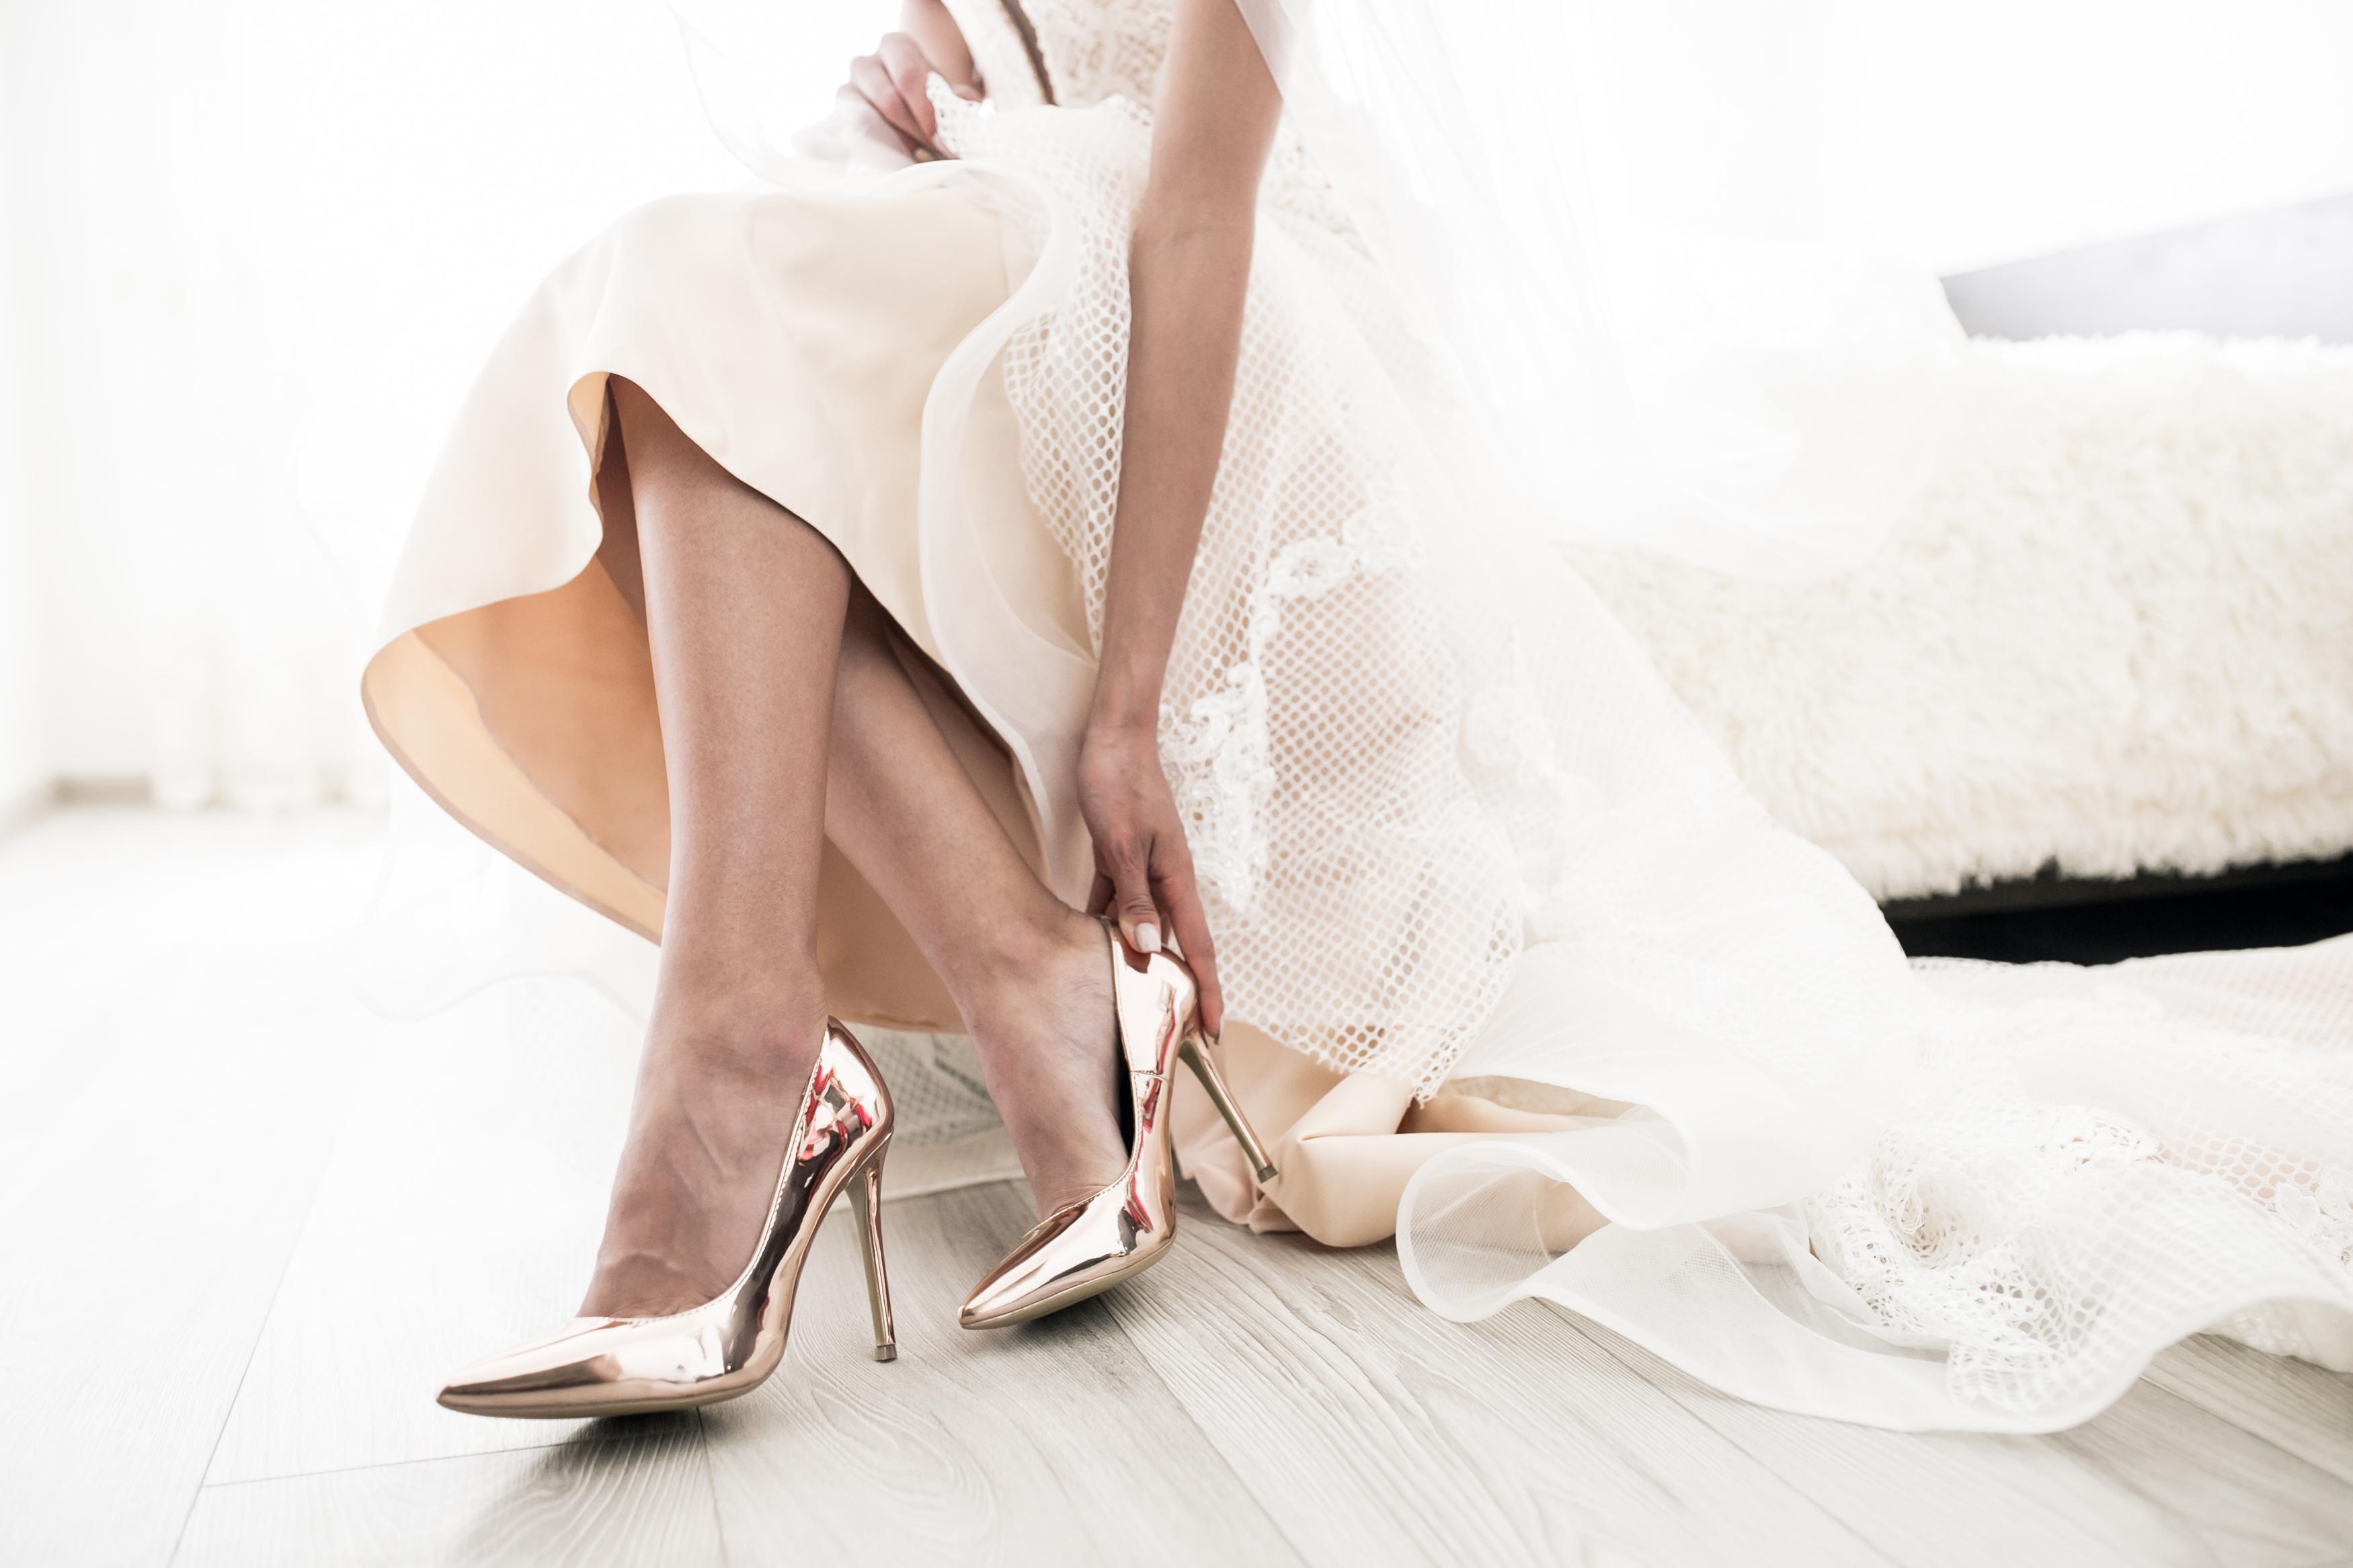 Jak przetrwać wesele w butach na wysokim obcasie - zdjęcie 3